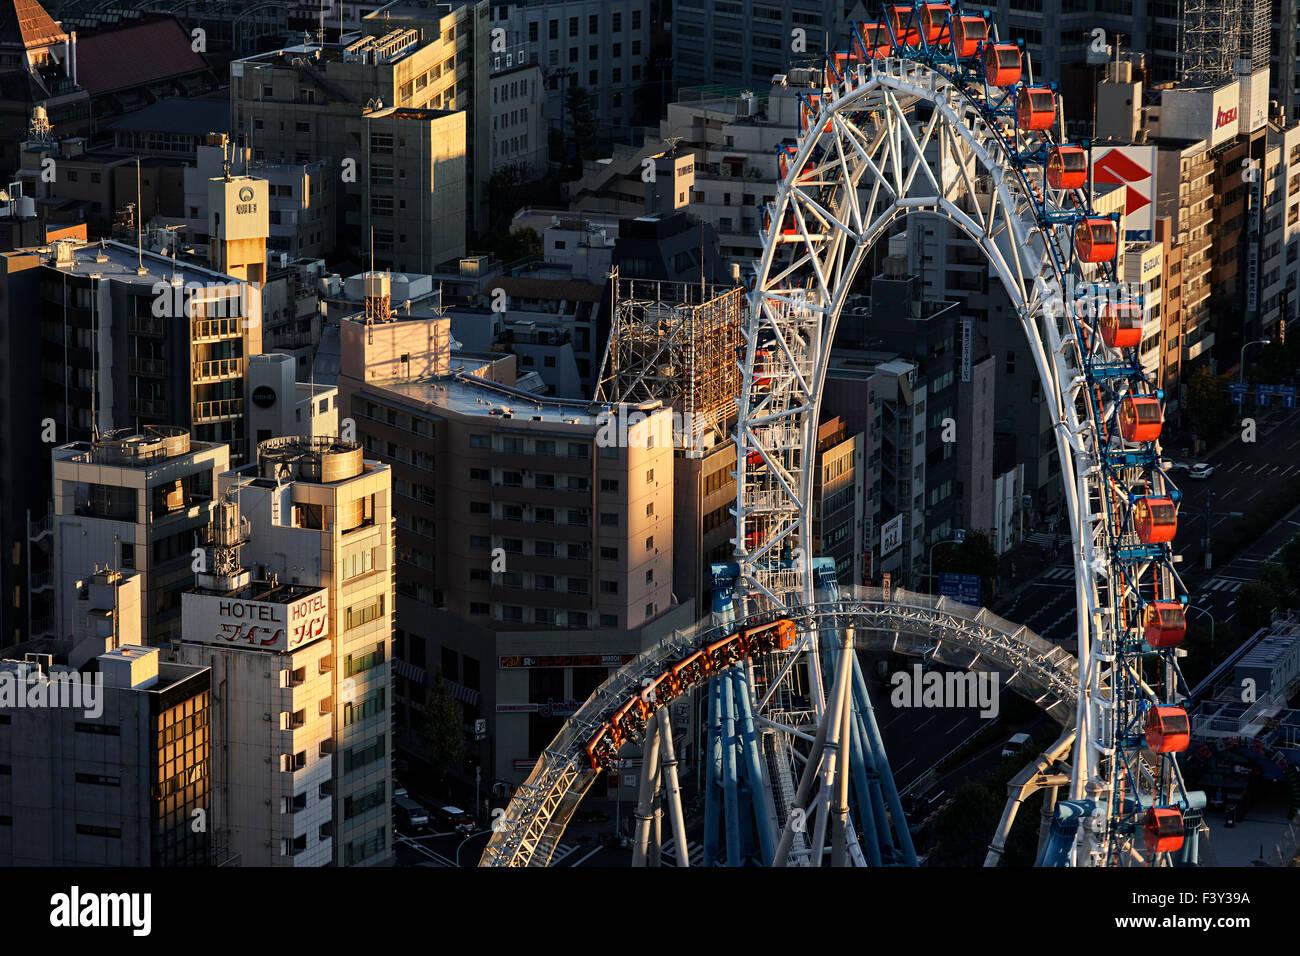 L'île de Honshu, Japon, Tokyo, Kanto, parc d'au-dessus des toits des bâtiments. Photo Stock